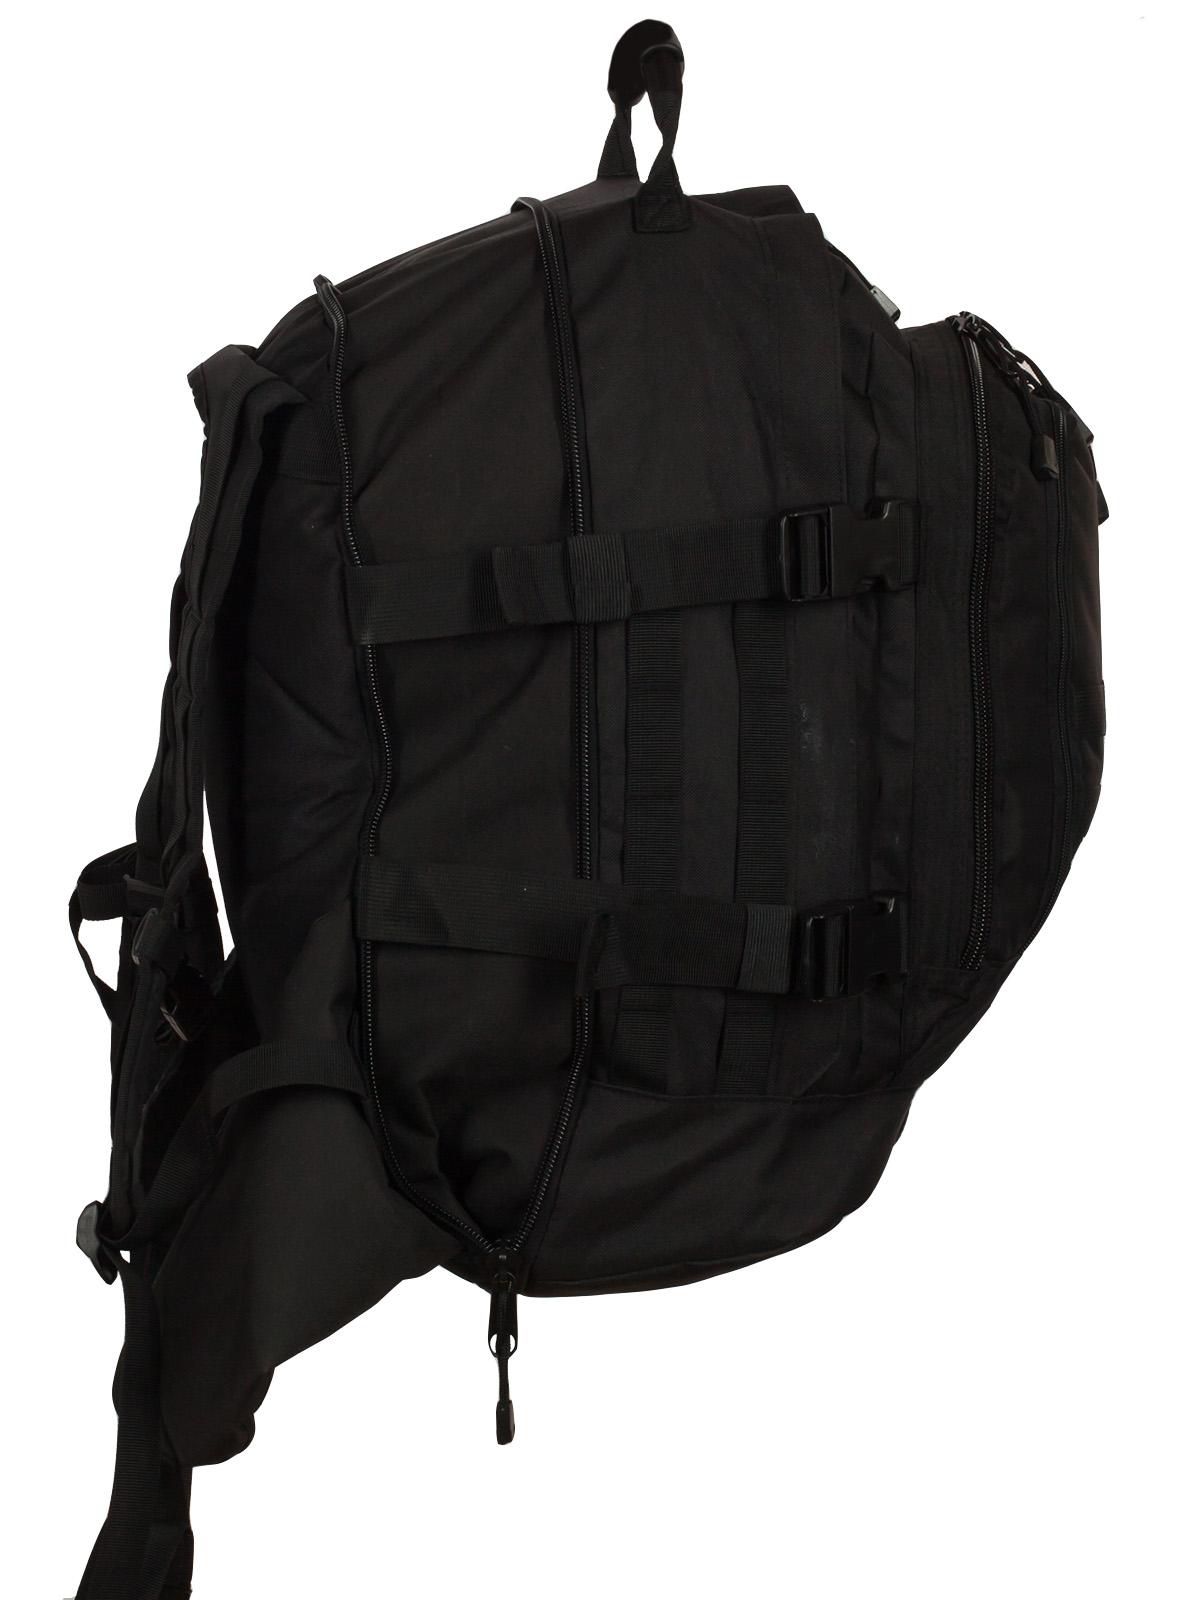 Городской армейский рюкзак с нашивкой ВМФ - купить по лучшей цене